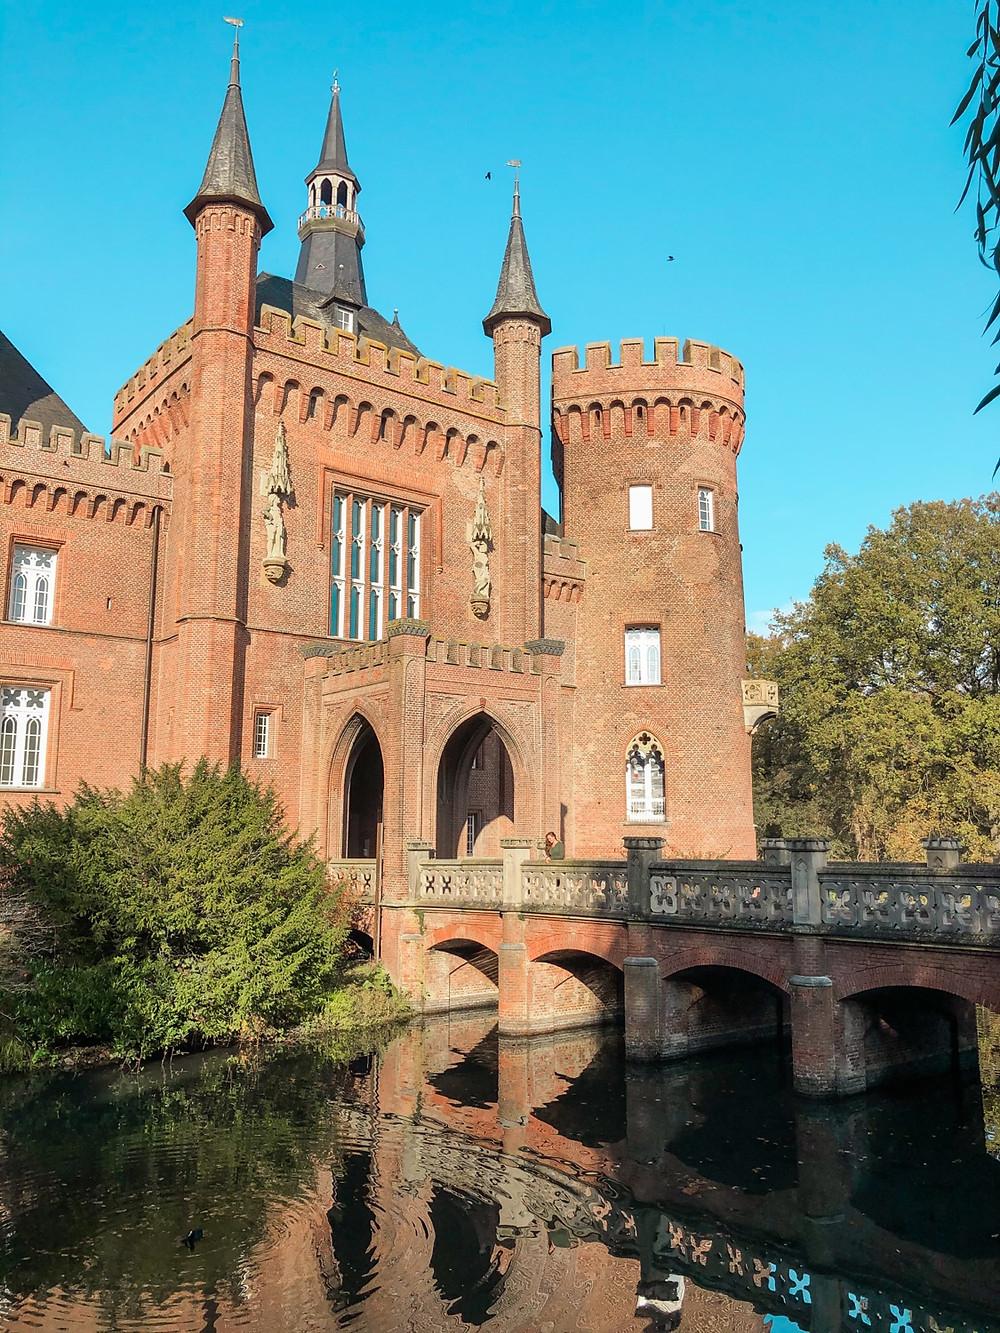 Schloss-Moyland-NRW-ausflüge-Unternehmungen-Corona-Lockdown